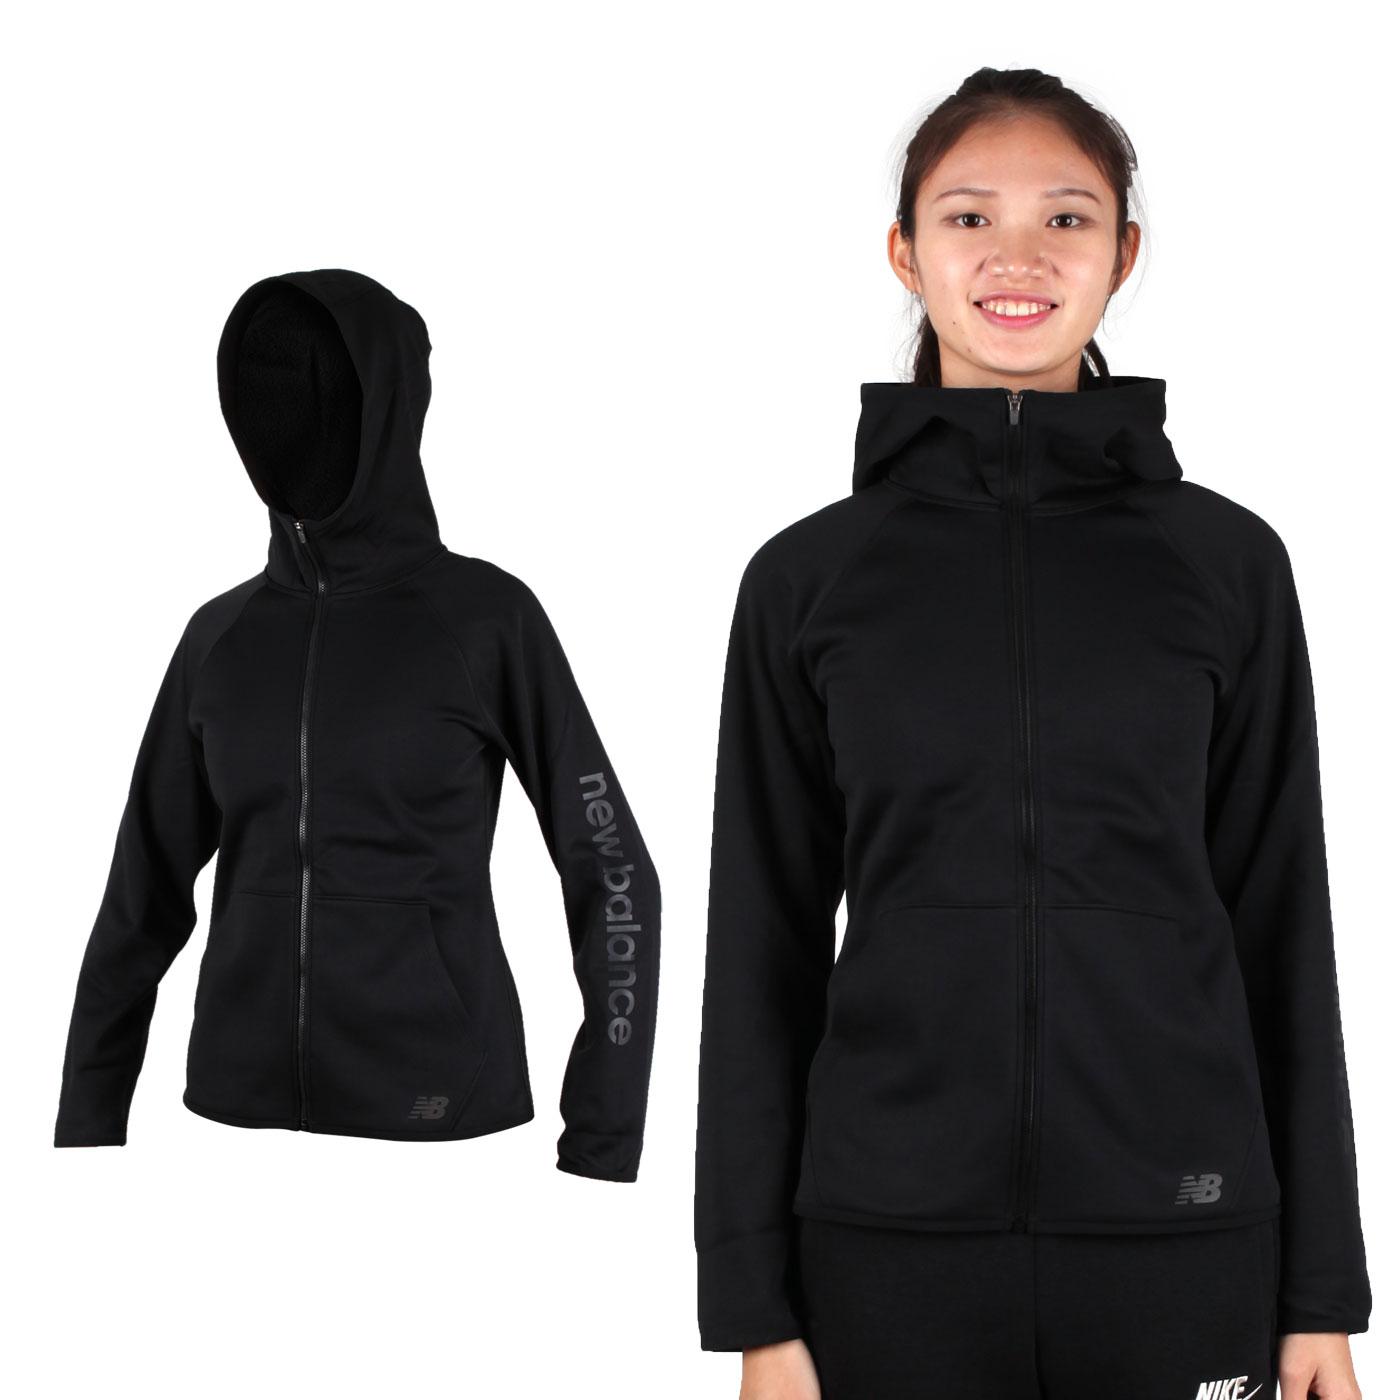 NEW BALANCE 女款刷毛連帽外套 AWJ73157BK - 黑